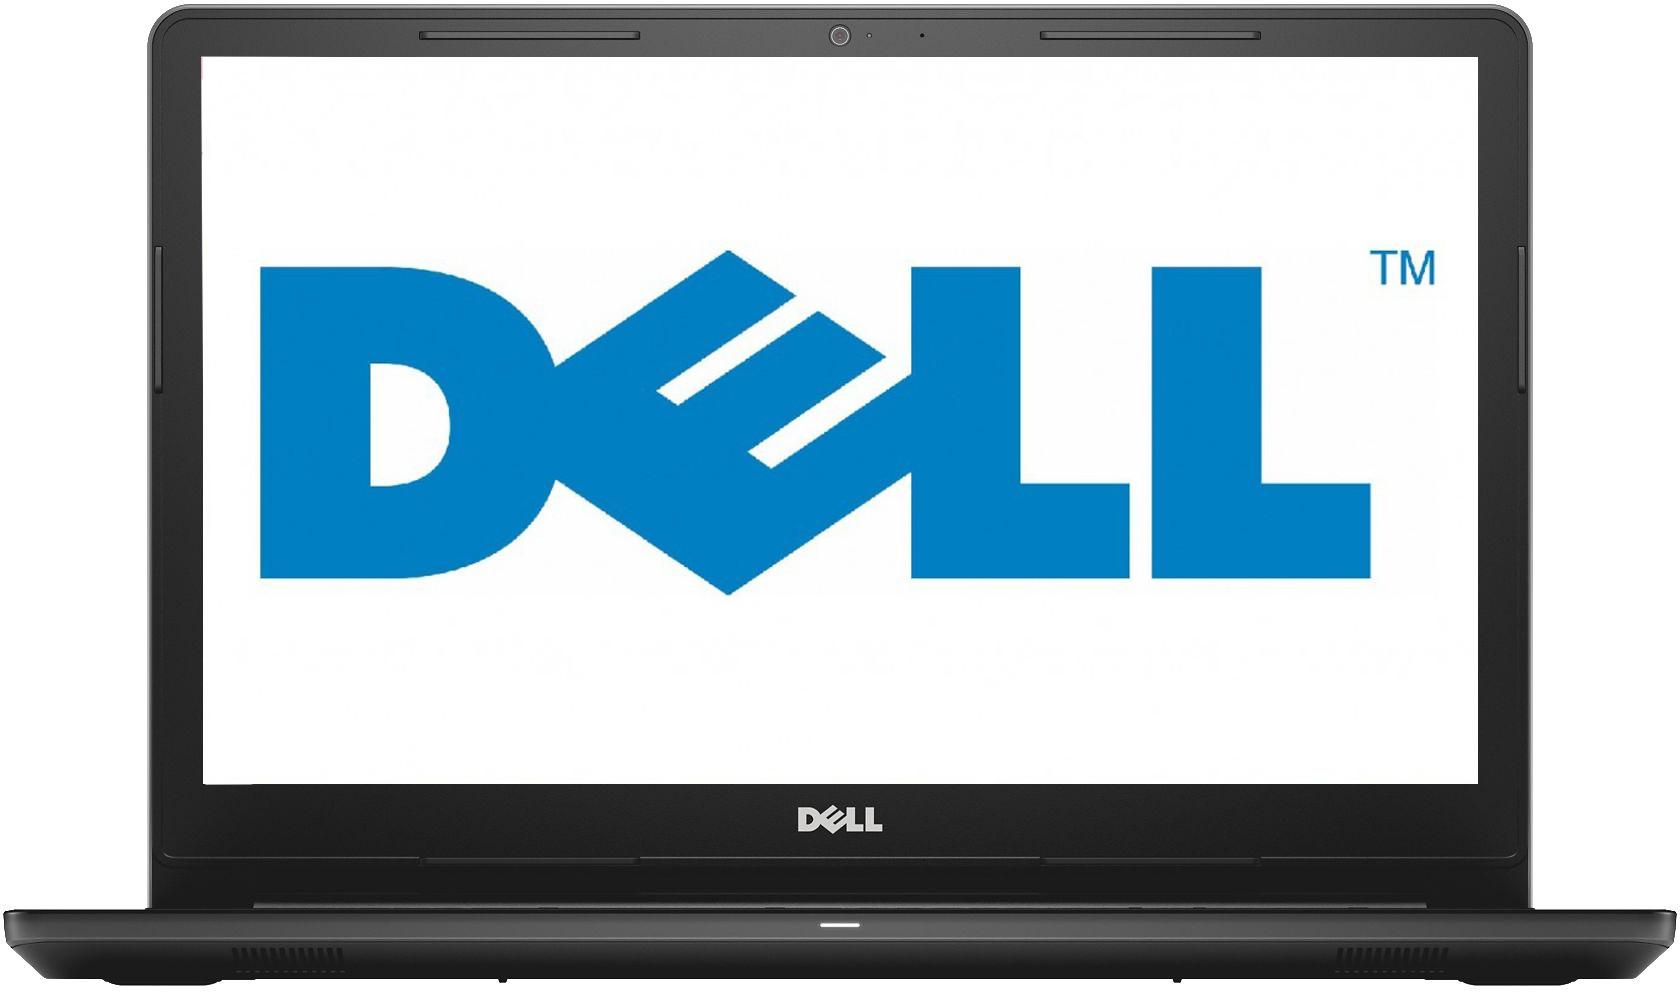 Ноутбук Dell Inspiron 3573 I35P41DIW-70 Black  - купить со скидкой